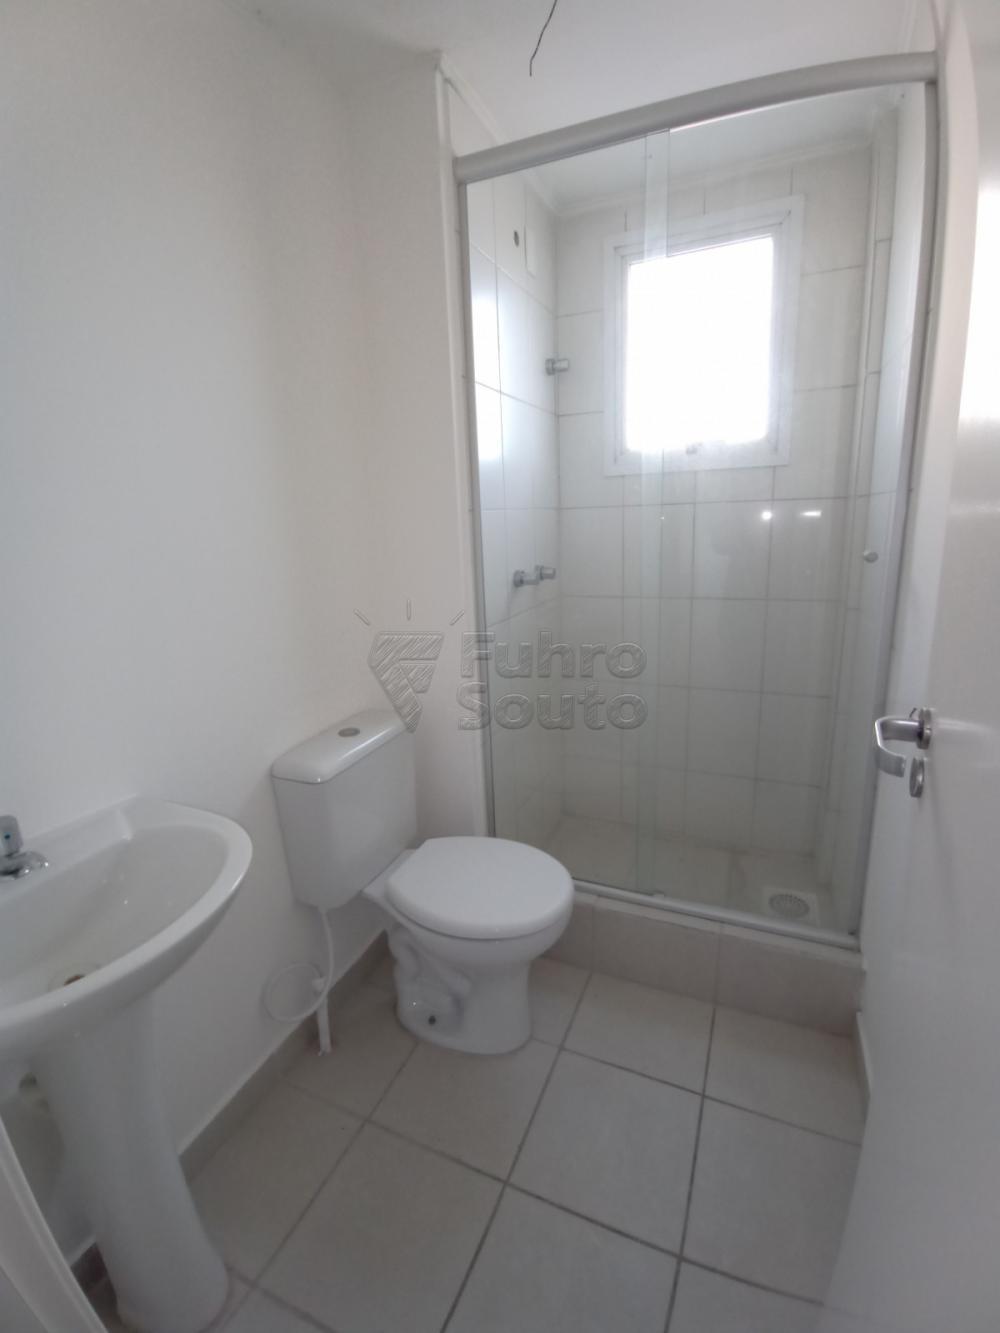 Alugar Apartamento / Padrão em Pelotas R$ 1.400,00 - Foto 4